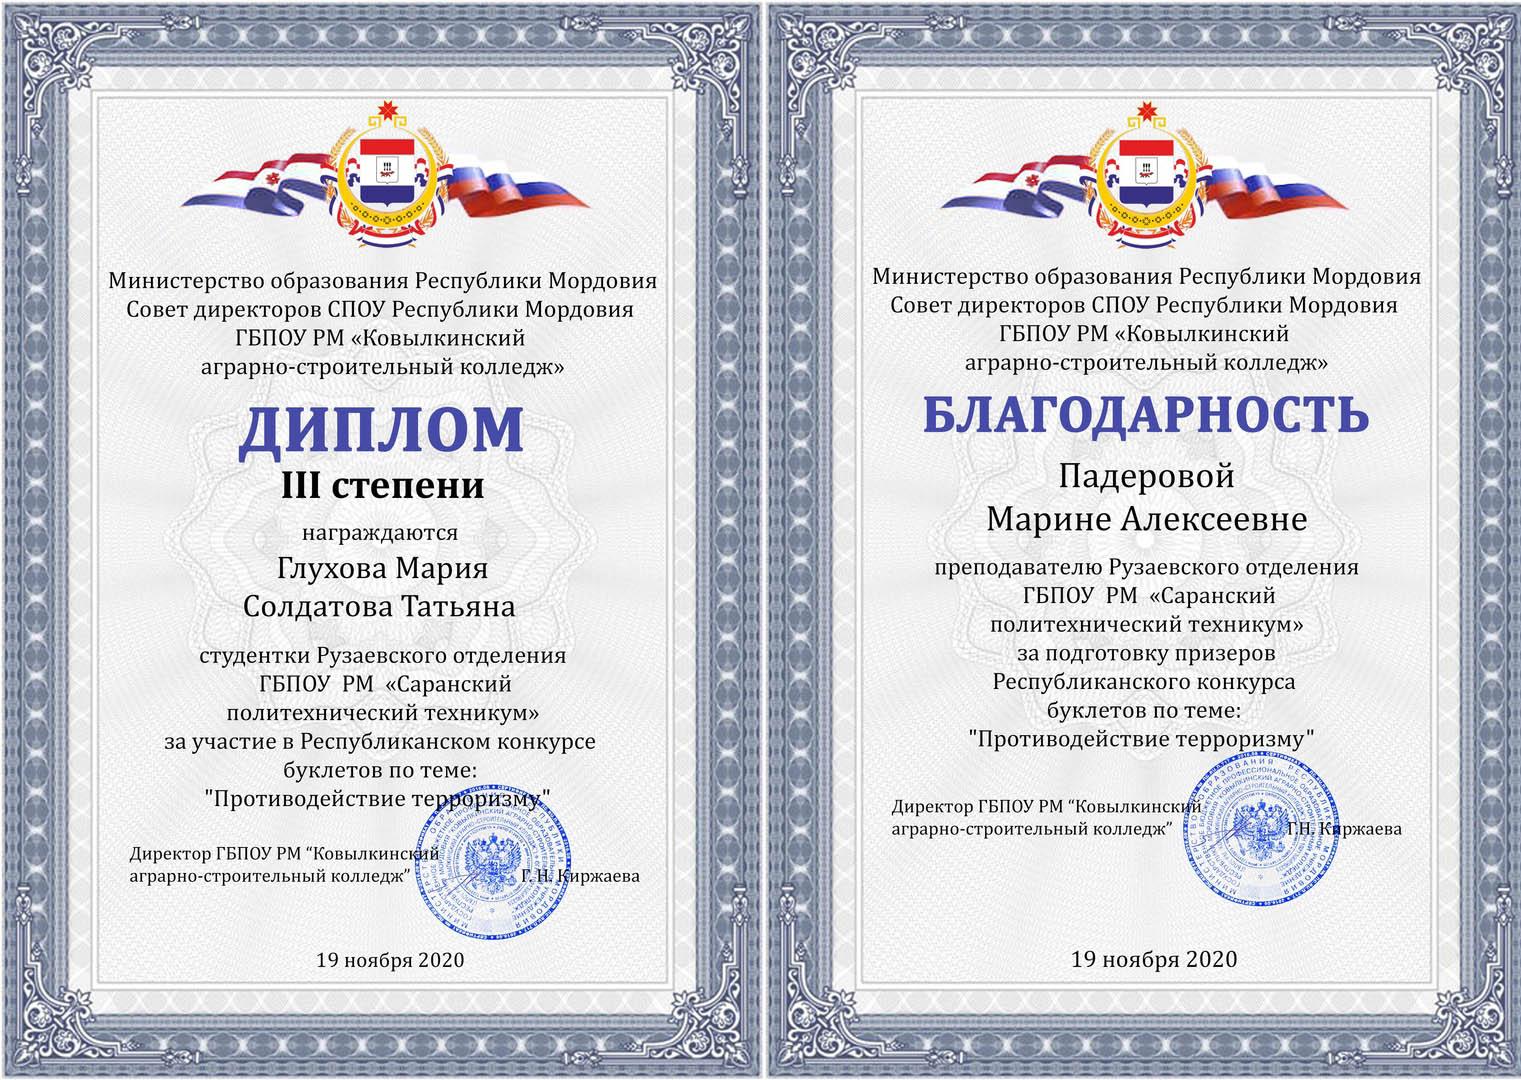 Поздравляем с III местом Глухову Марию и Солдатову Татьяну